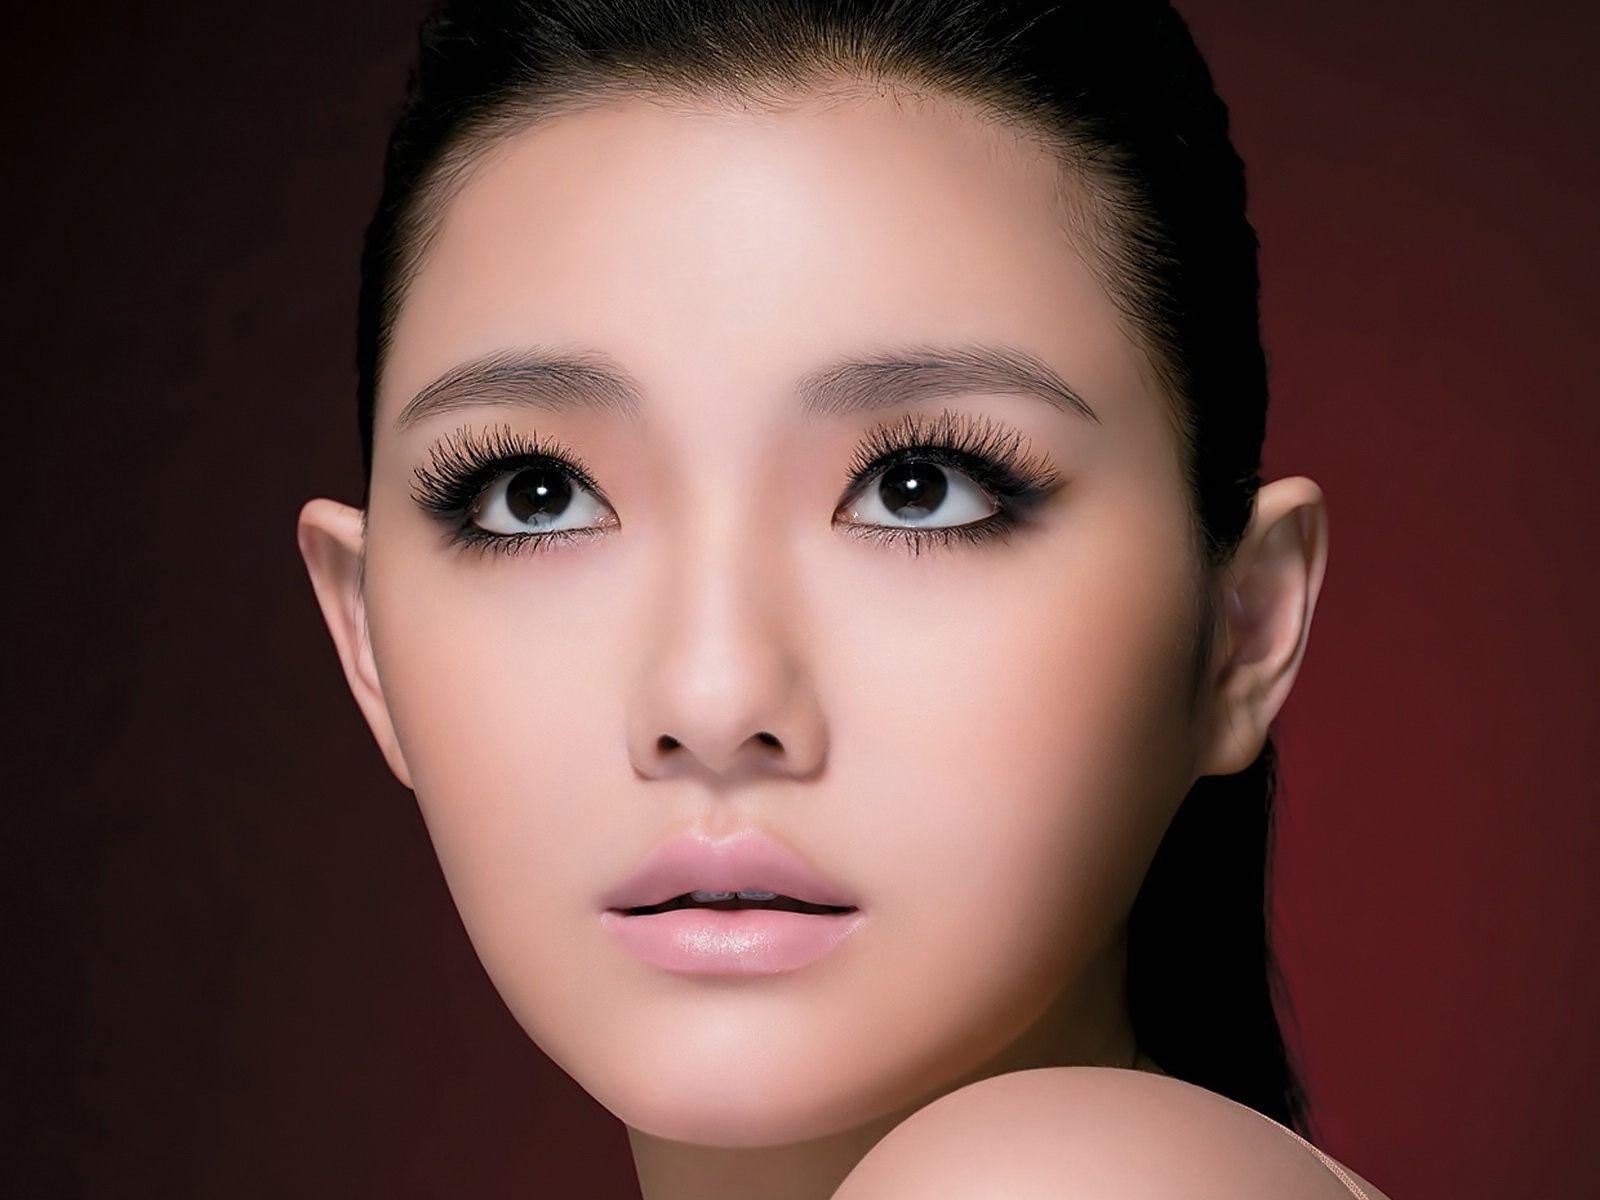 этом, макияж для монголоидного типа глаз фото тому